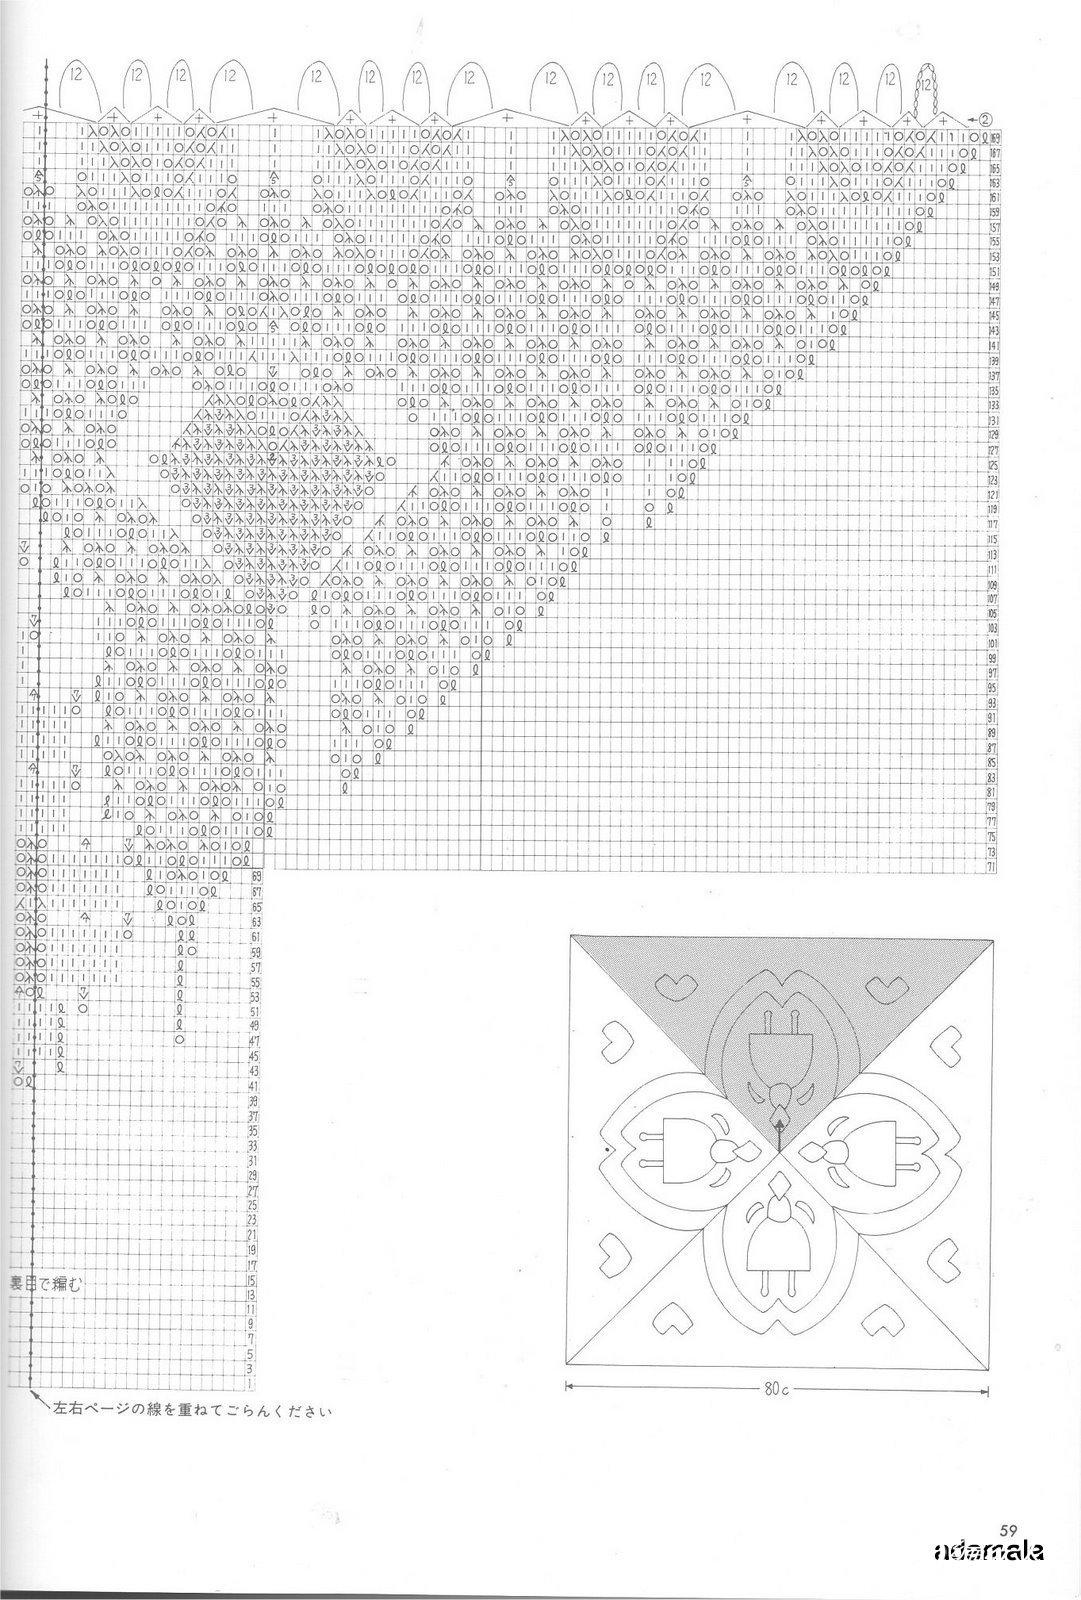 adamala-11图解3.jpg